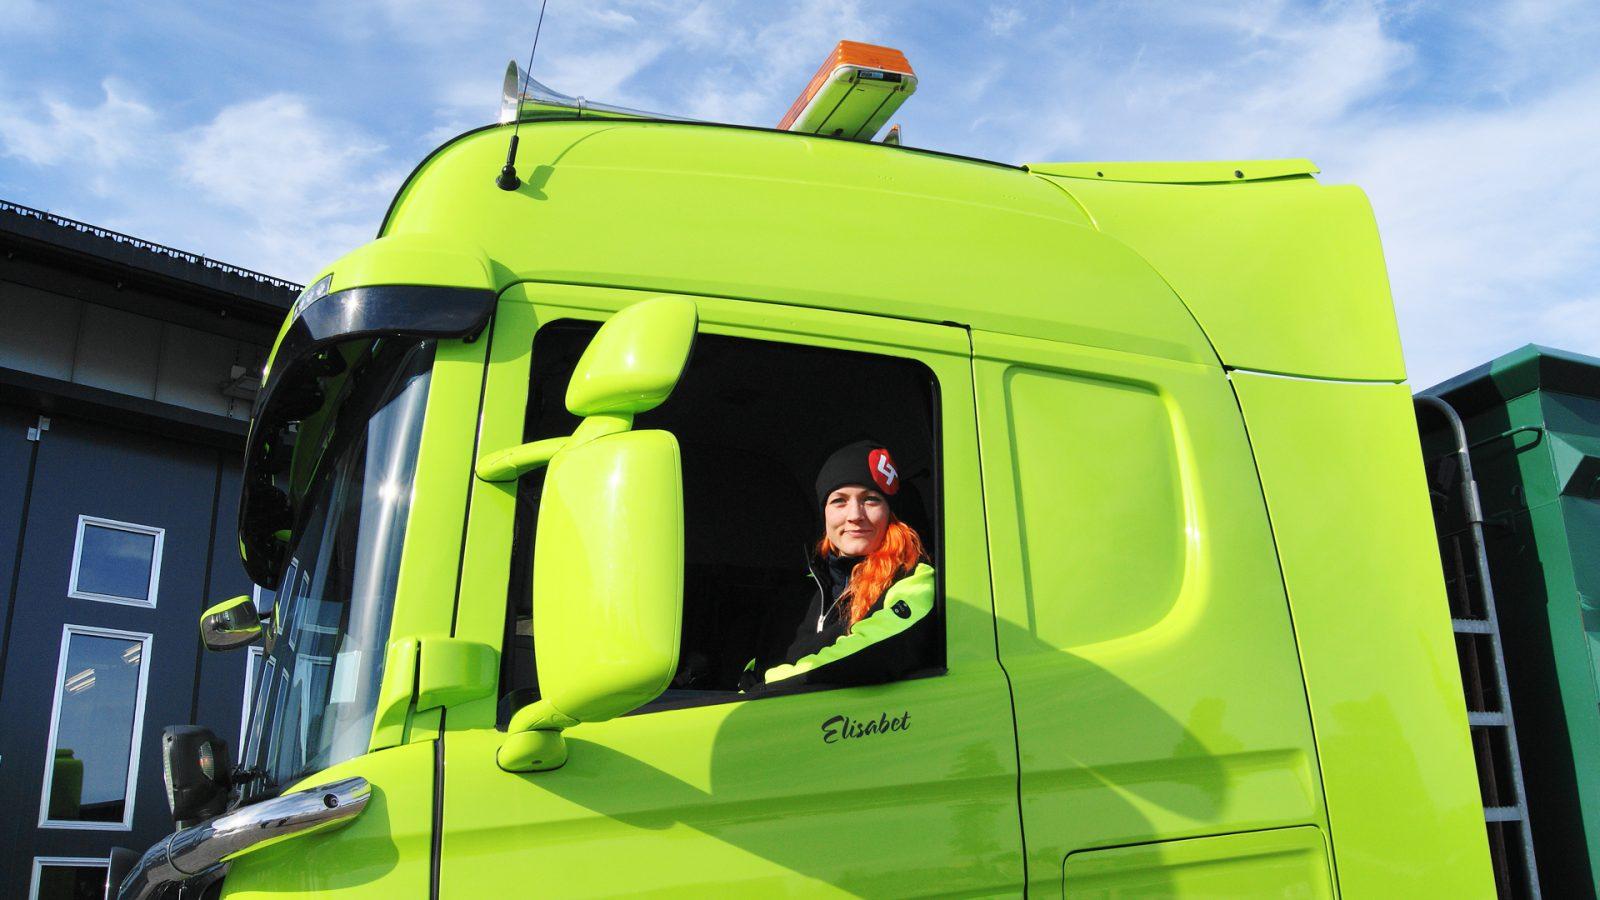 Chauffören Elisabeth sitter i en grön scanialastbil